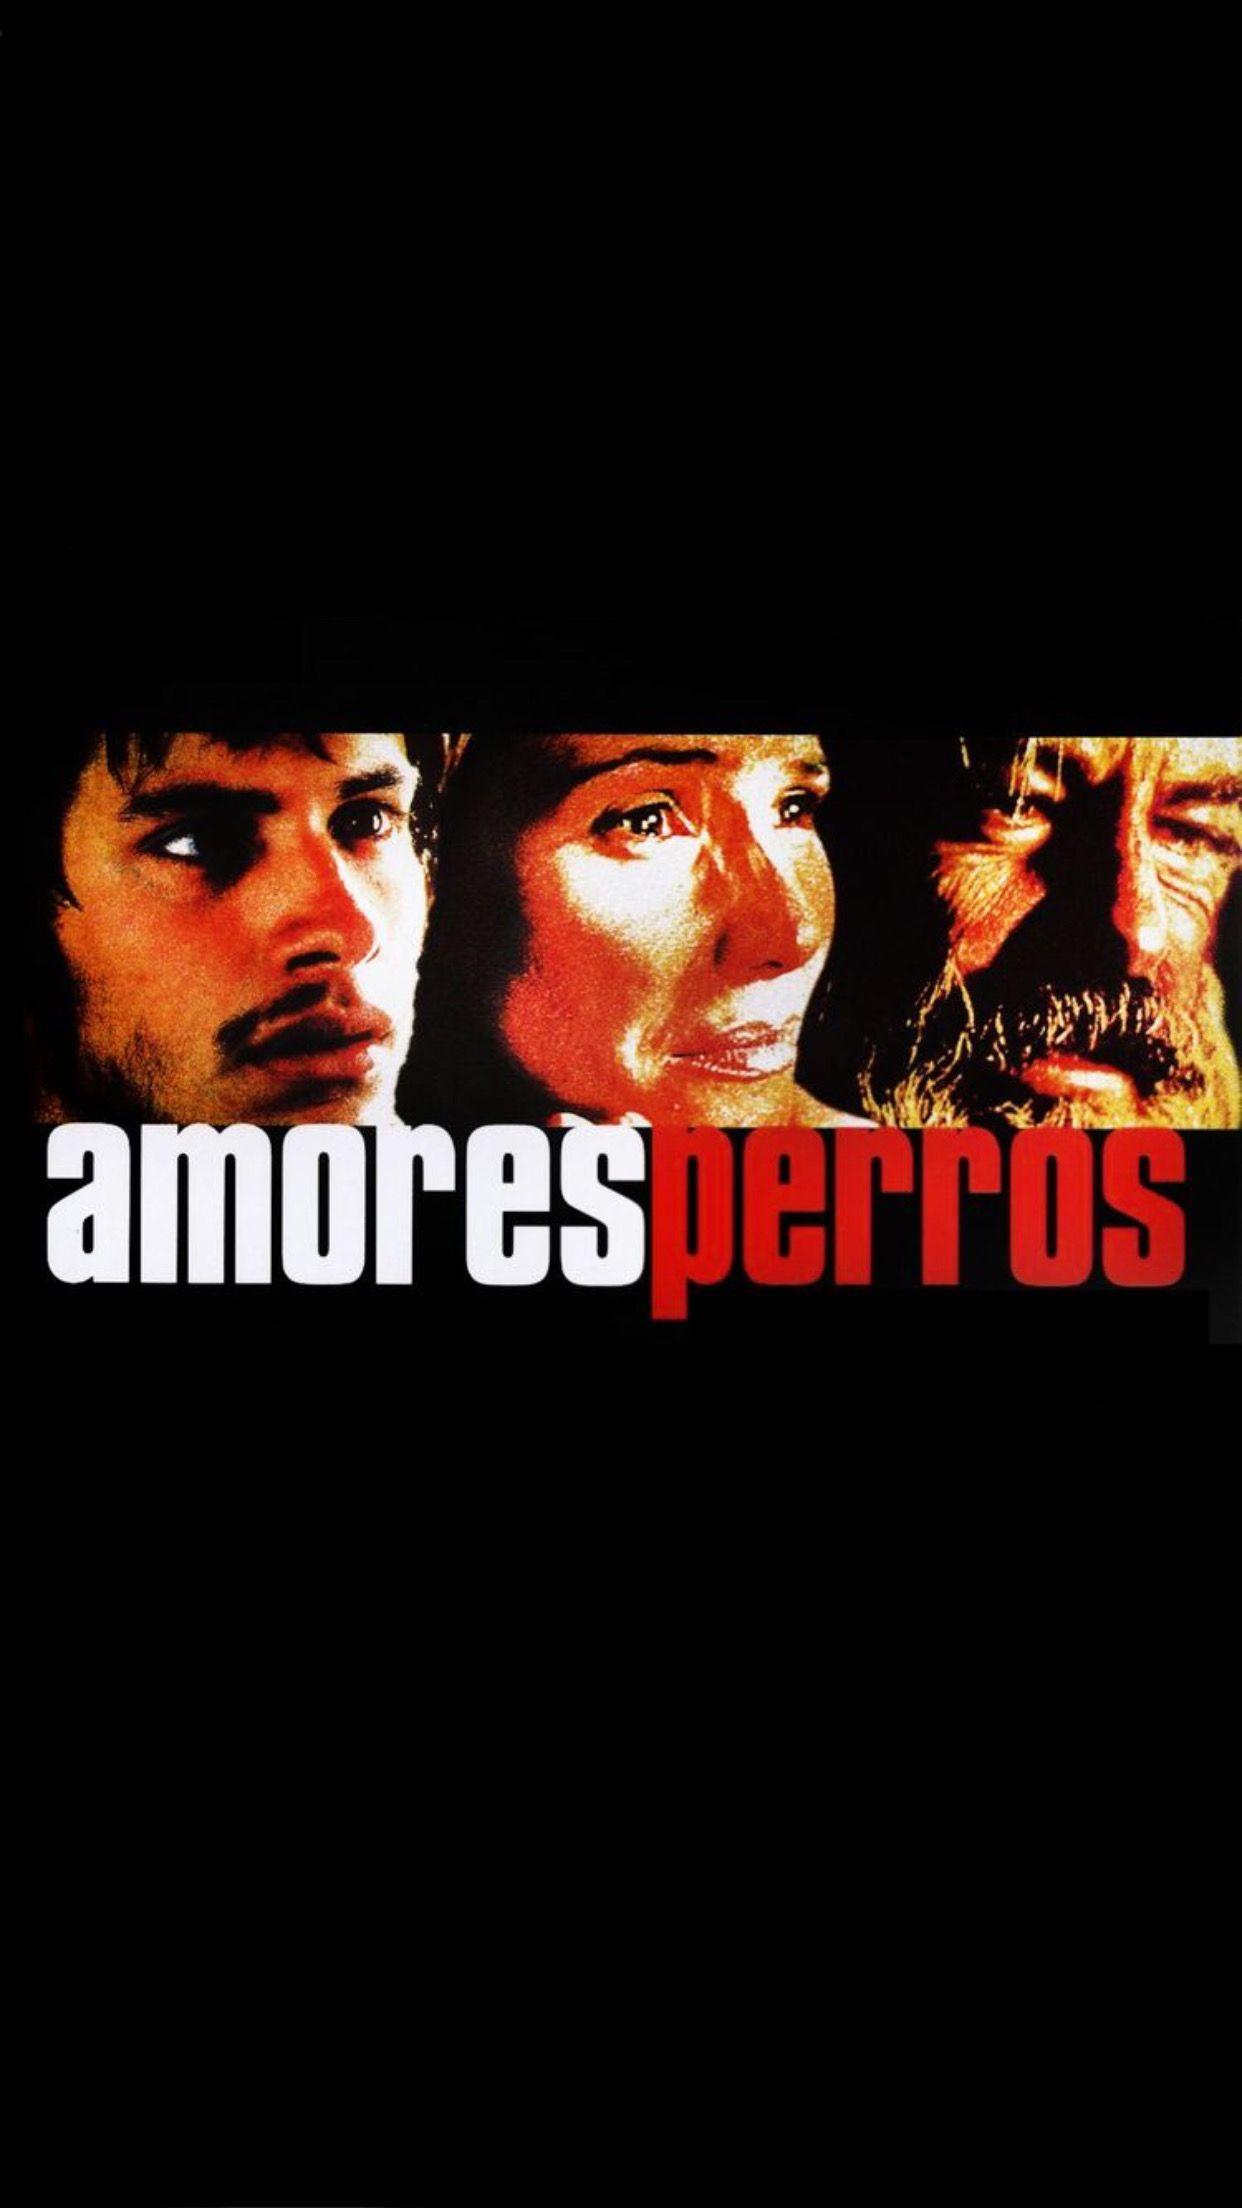 Amores Perros Wallpaper Perros Wallpaper Cine Arte Perros